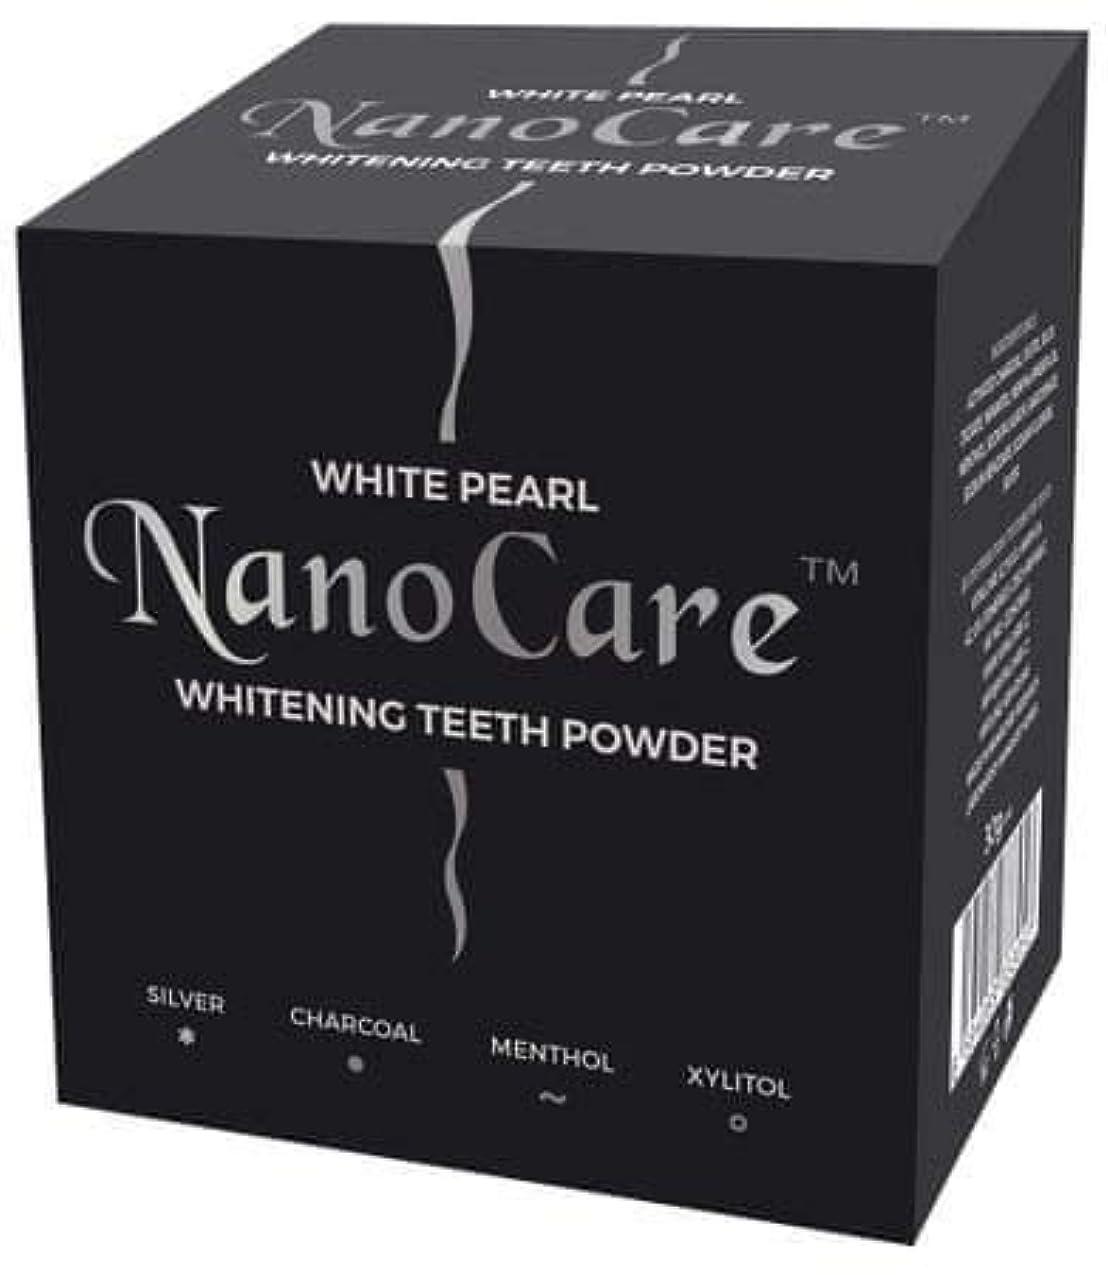 駅地上のポルティコNano Care Whitening Powder with Active Charcoal and Silver nanoparticles 30g Made in Korea / 活性炭と銀ナノ粒子30gのナノケアホワイトニングパウダー韓国製